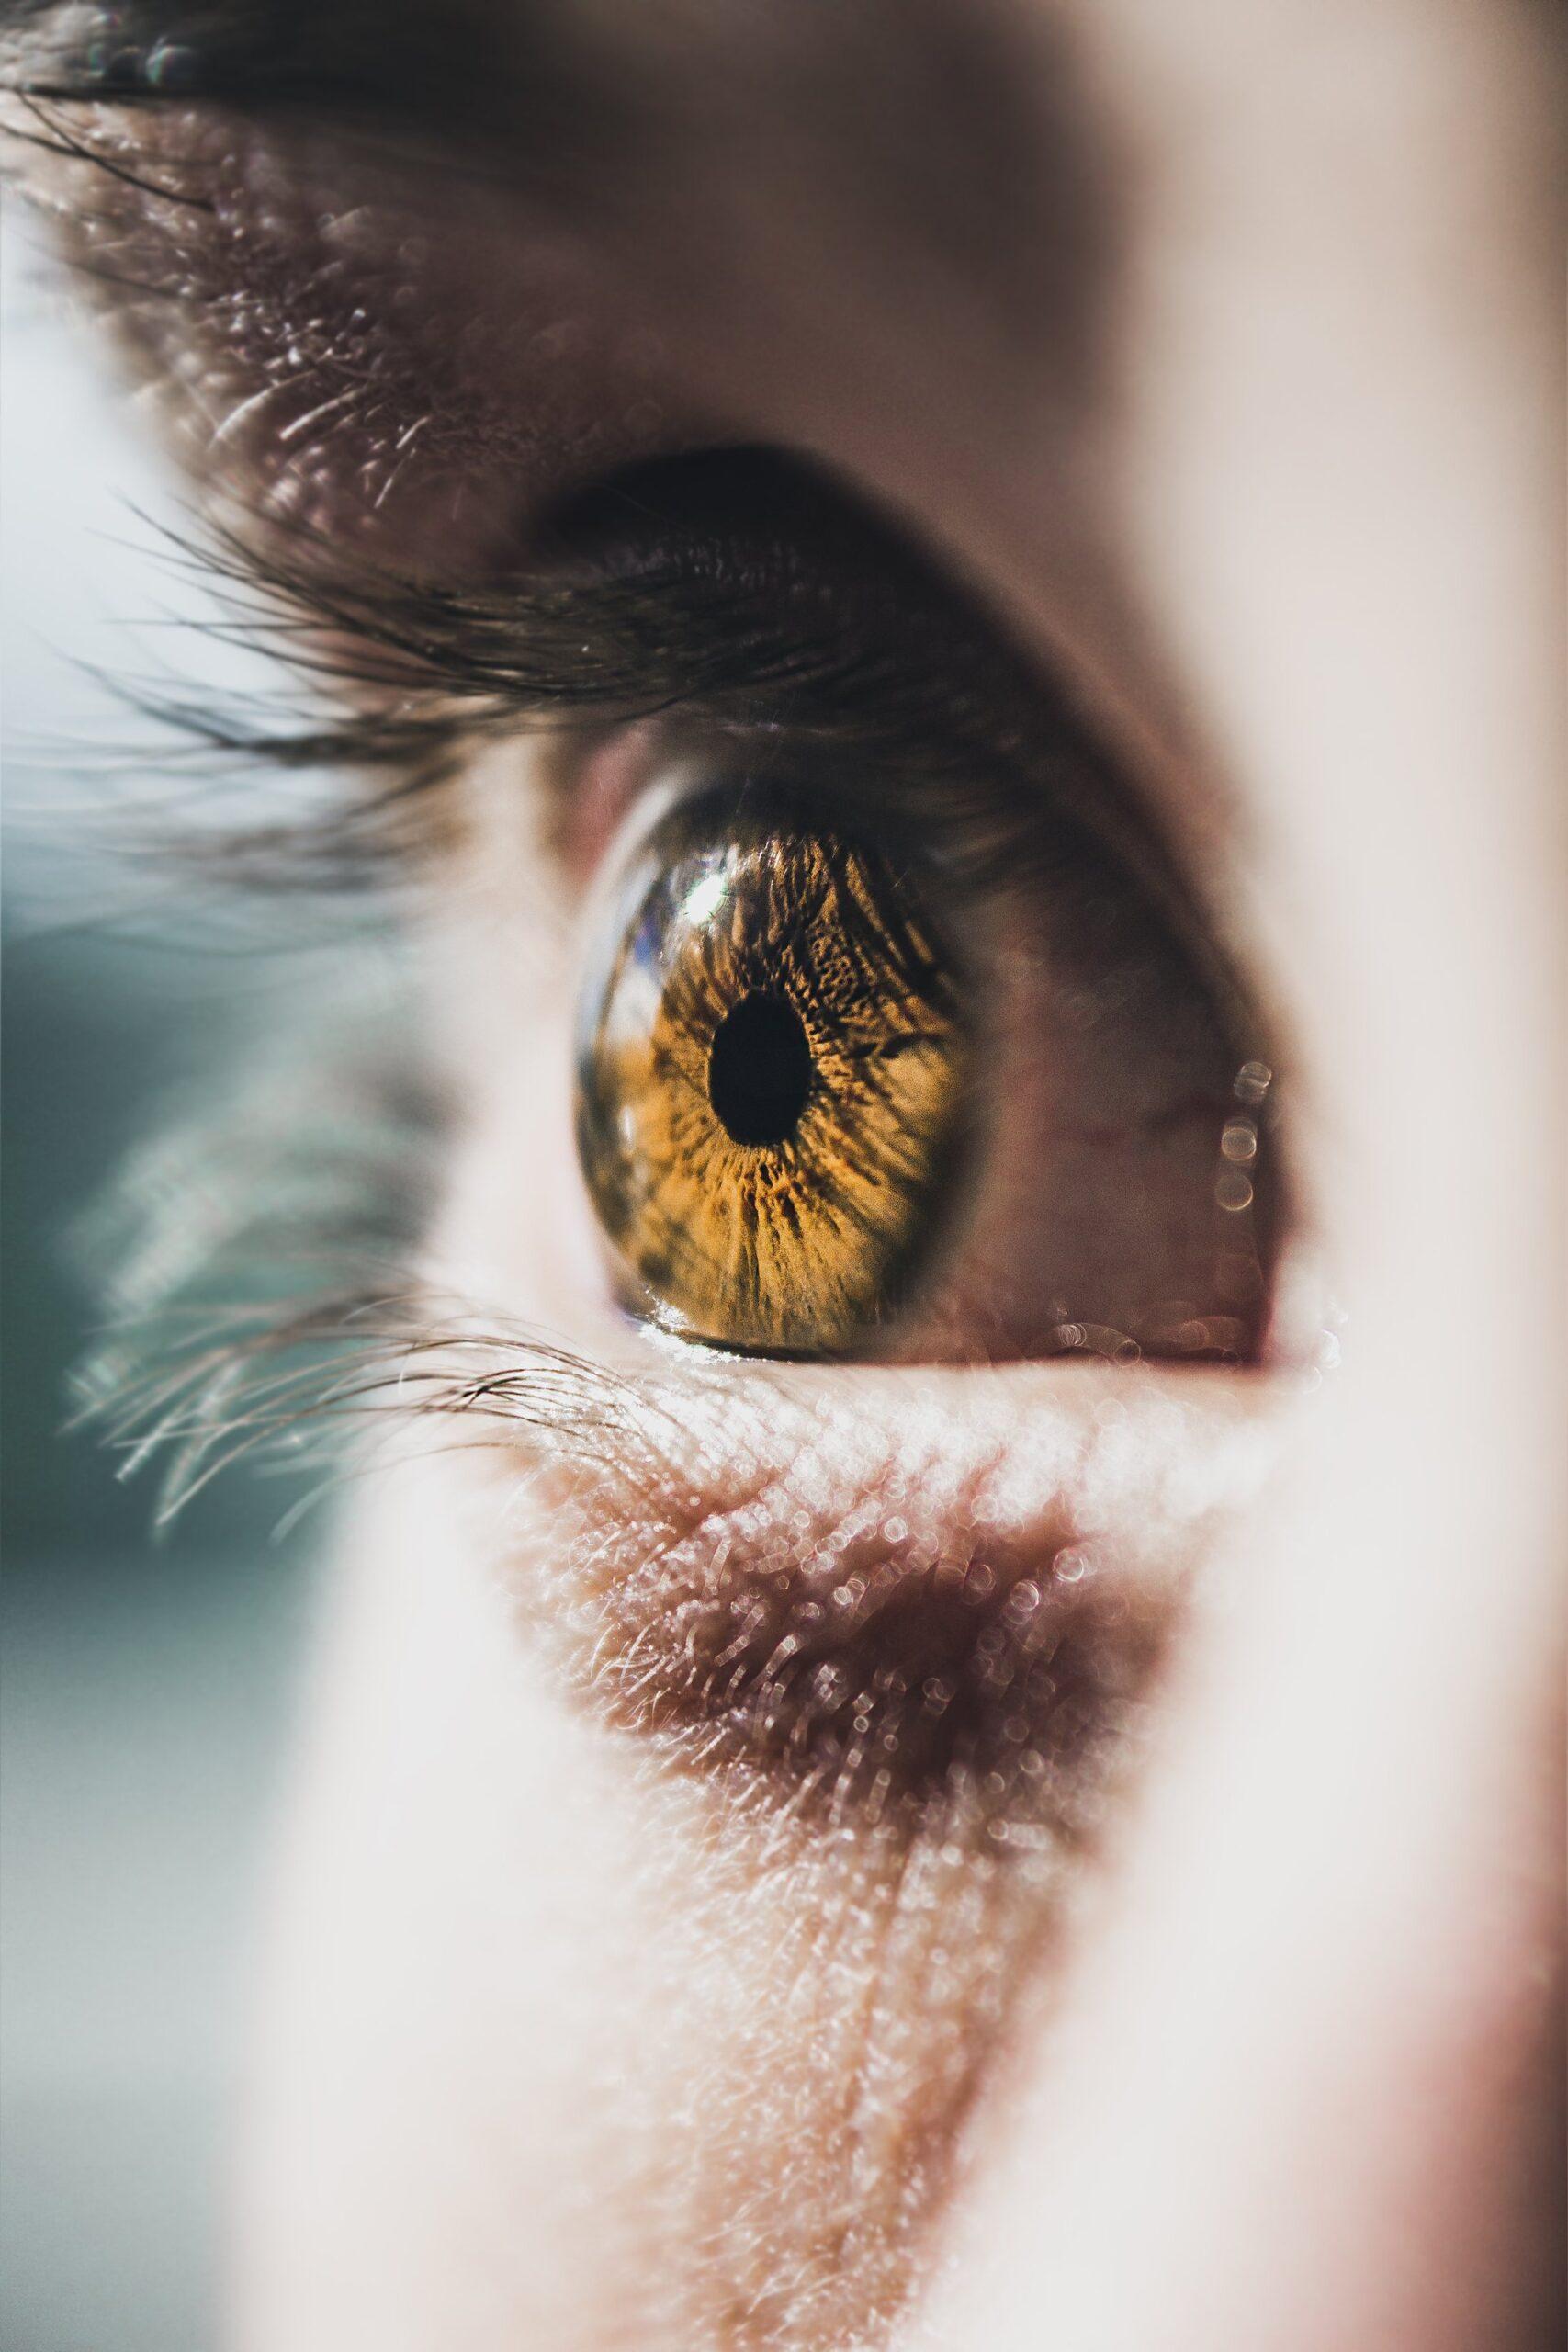 Augengesundheit: Scharf sehen bis ins Alter